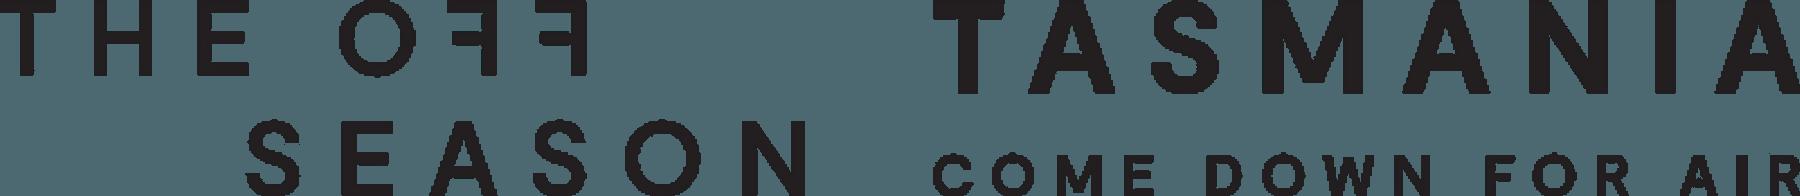 Tasmania Off Season Logo